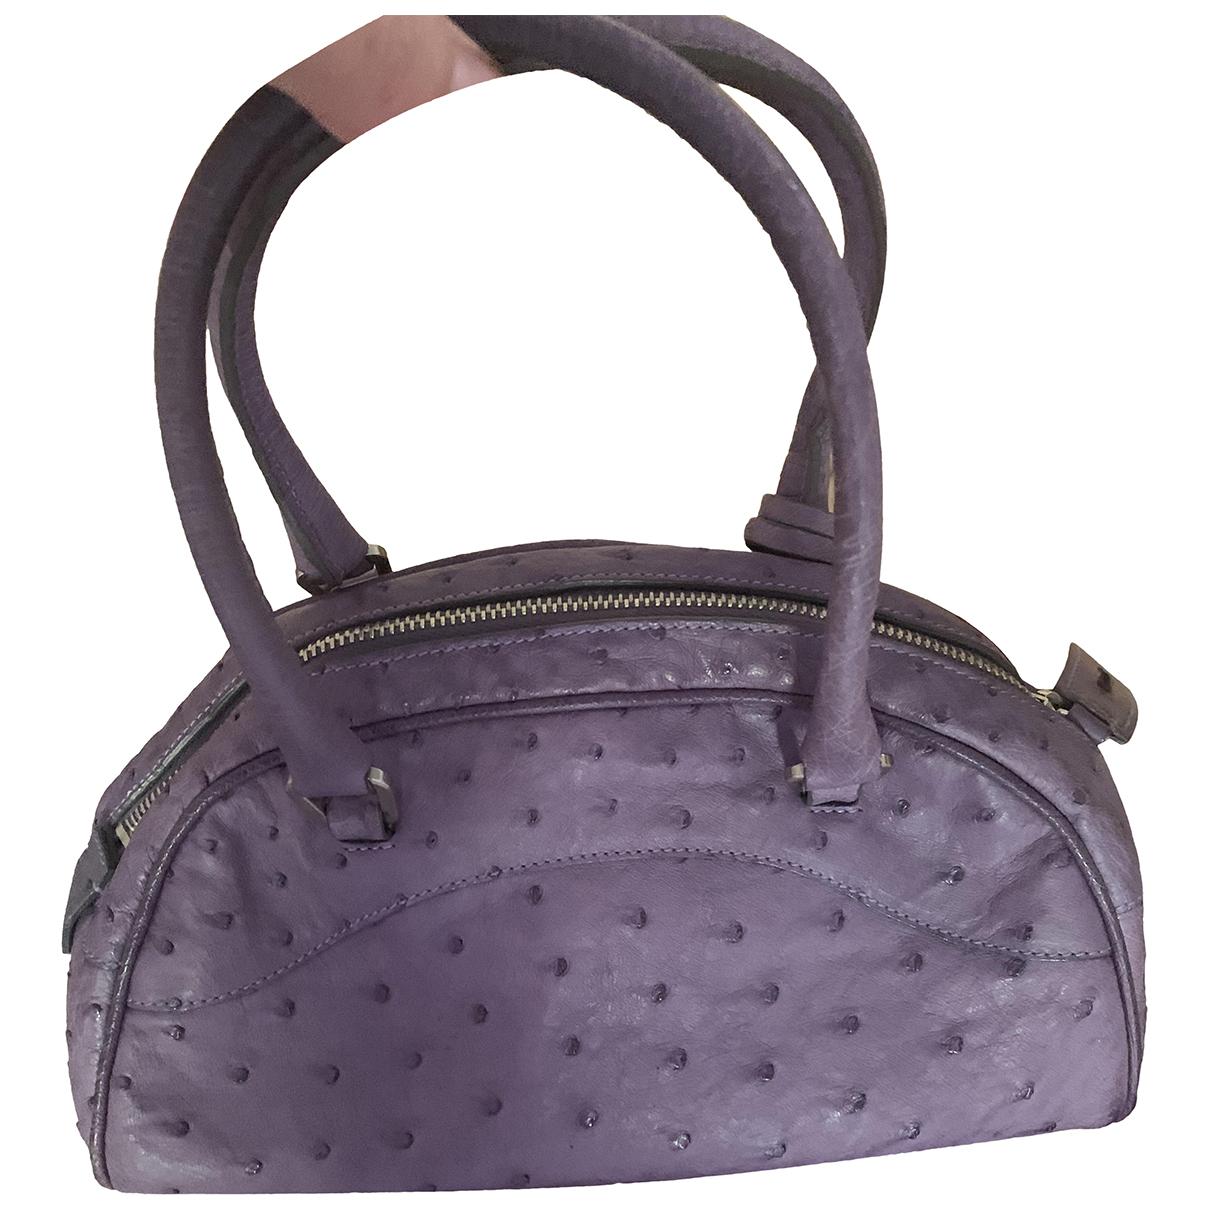 Prada \N Handtasche in  Lila Vogelstrauss